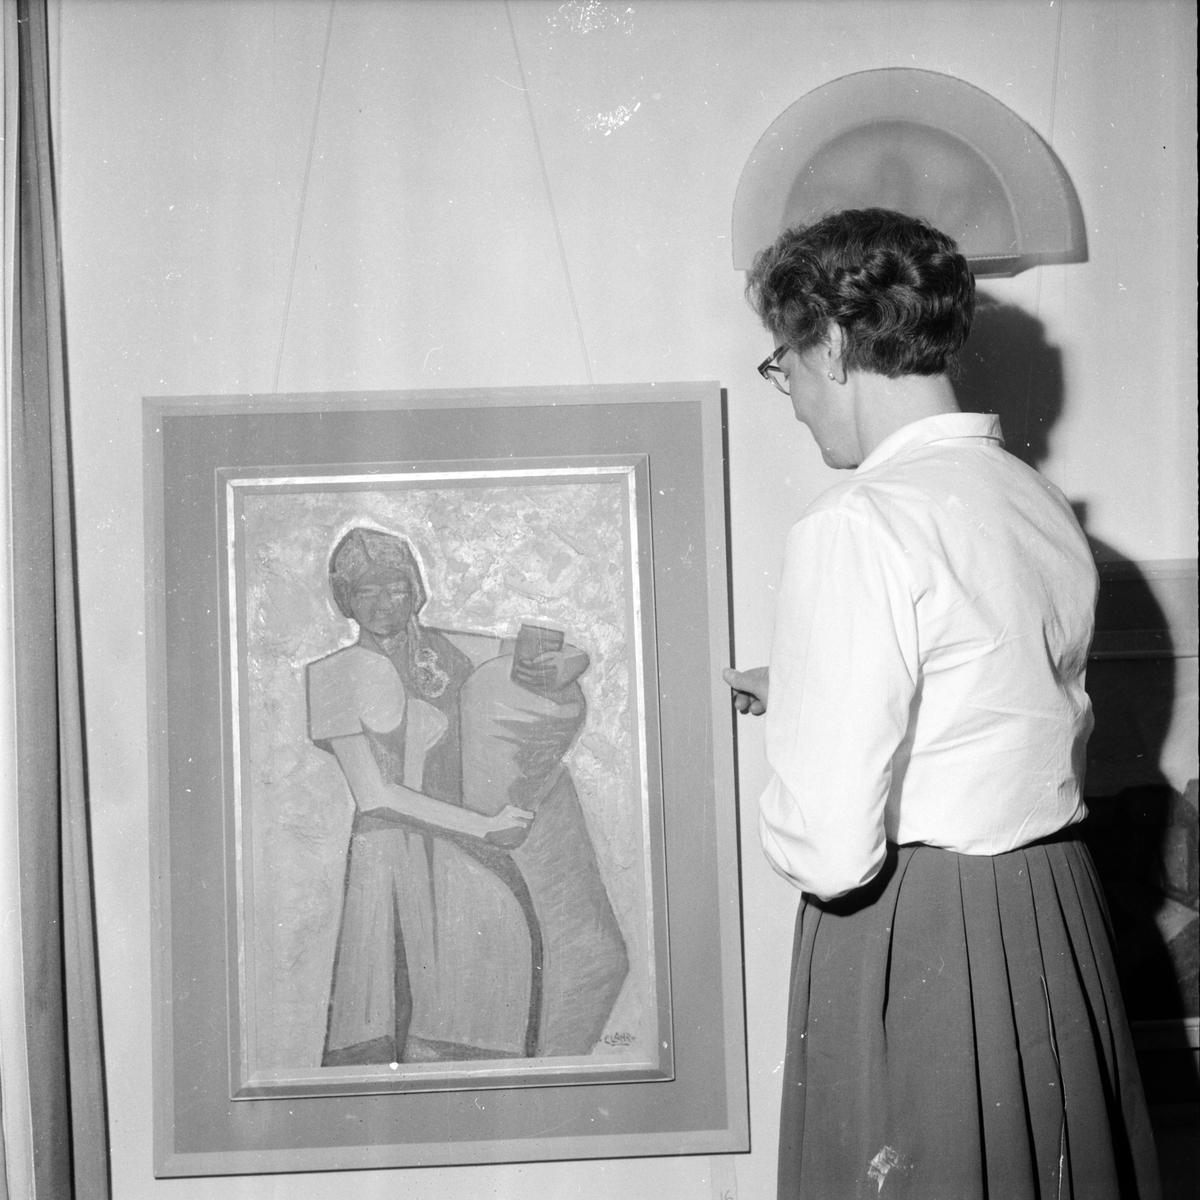 Clahr Emil, Utställning i Edsbyn, 18 Mars 1960